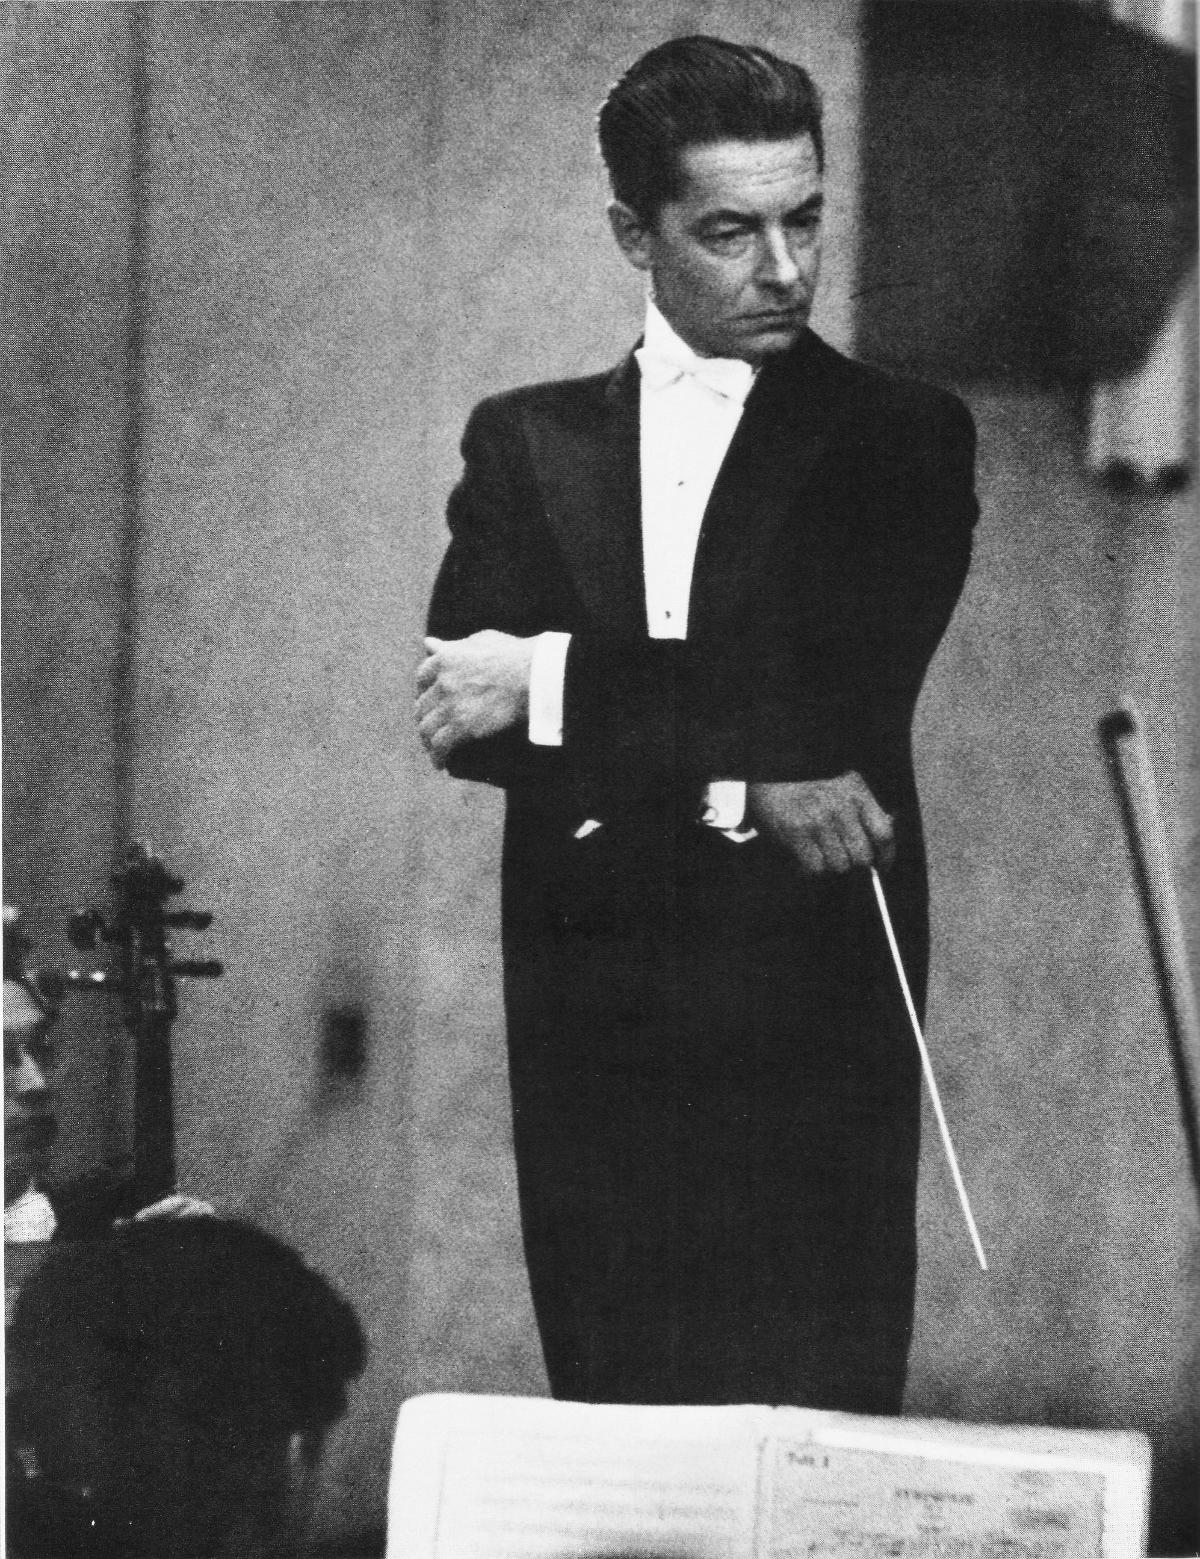 Herbert_von_Karajan_Conducts_in_NHK_Symphony_Orchestra_Tokyo_1954_01_Scan10015.jpg